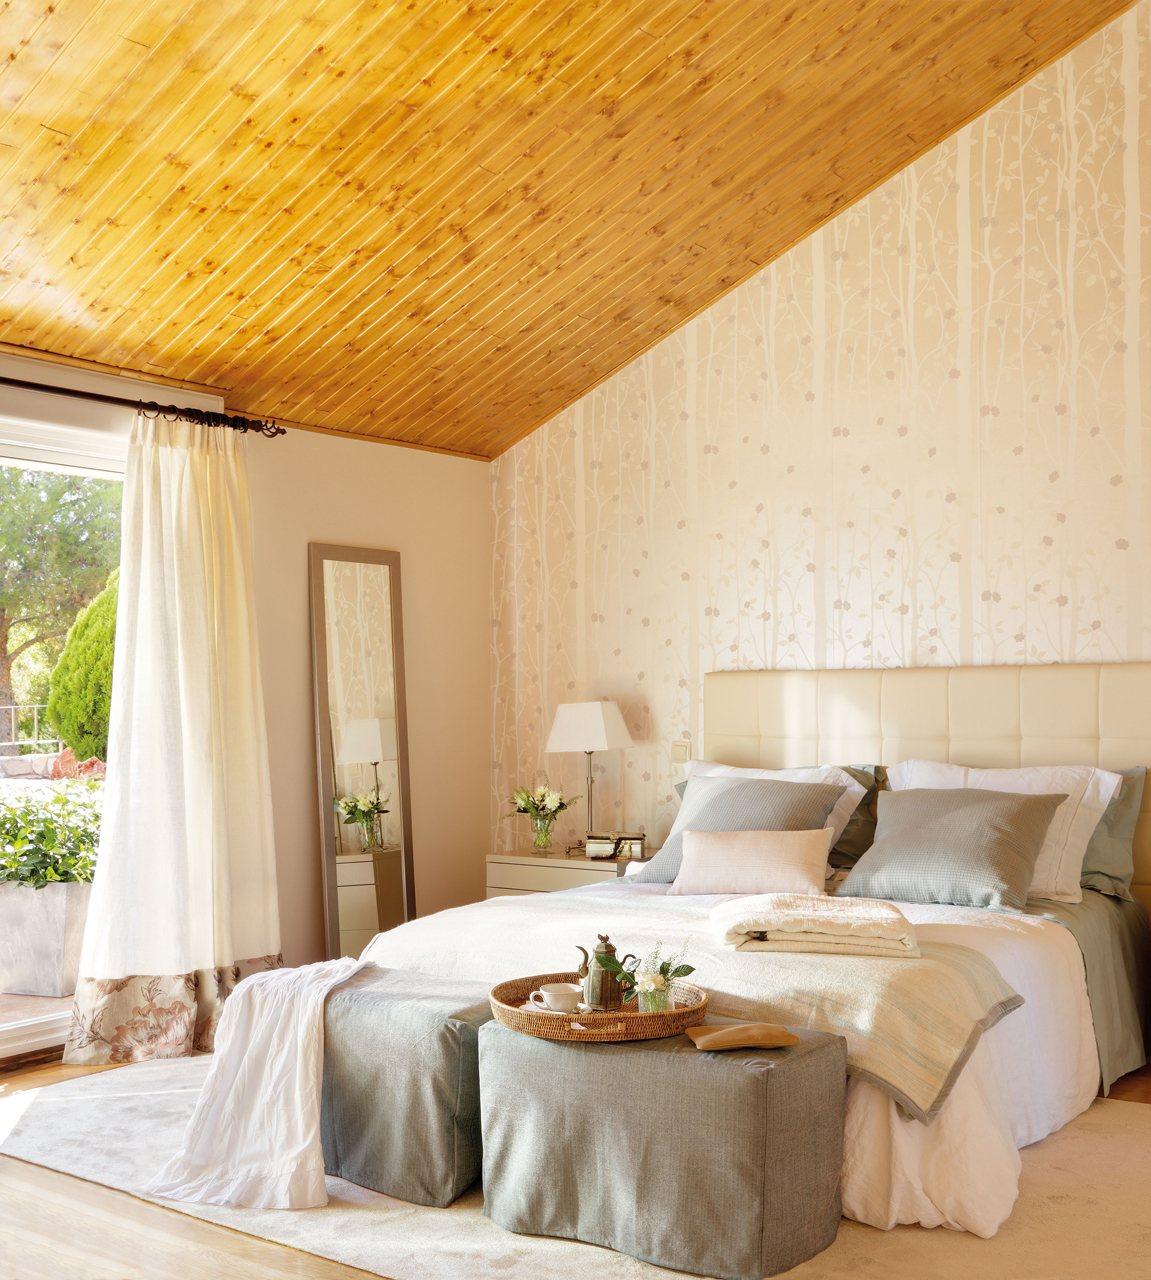 Nuevo estilo dormitorios espacios casas nuevo estilo - Nuevo estilo dormitorios ...